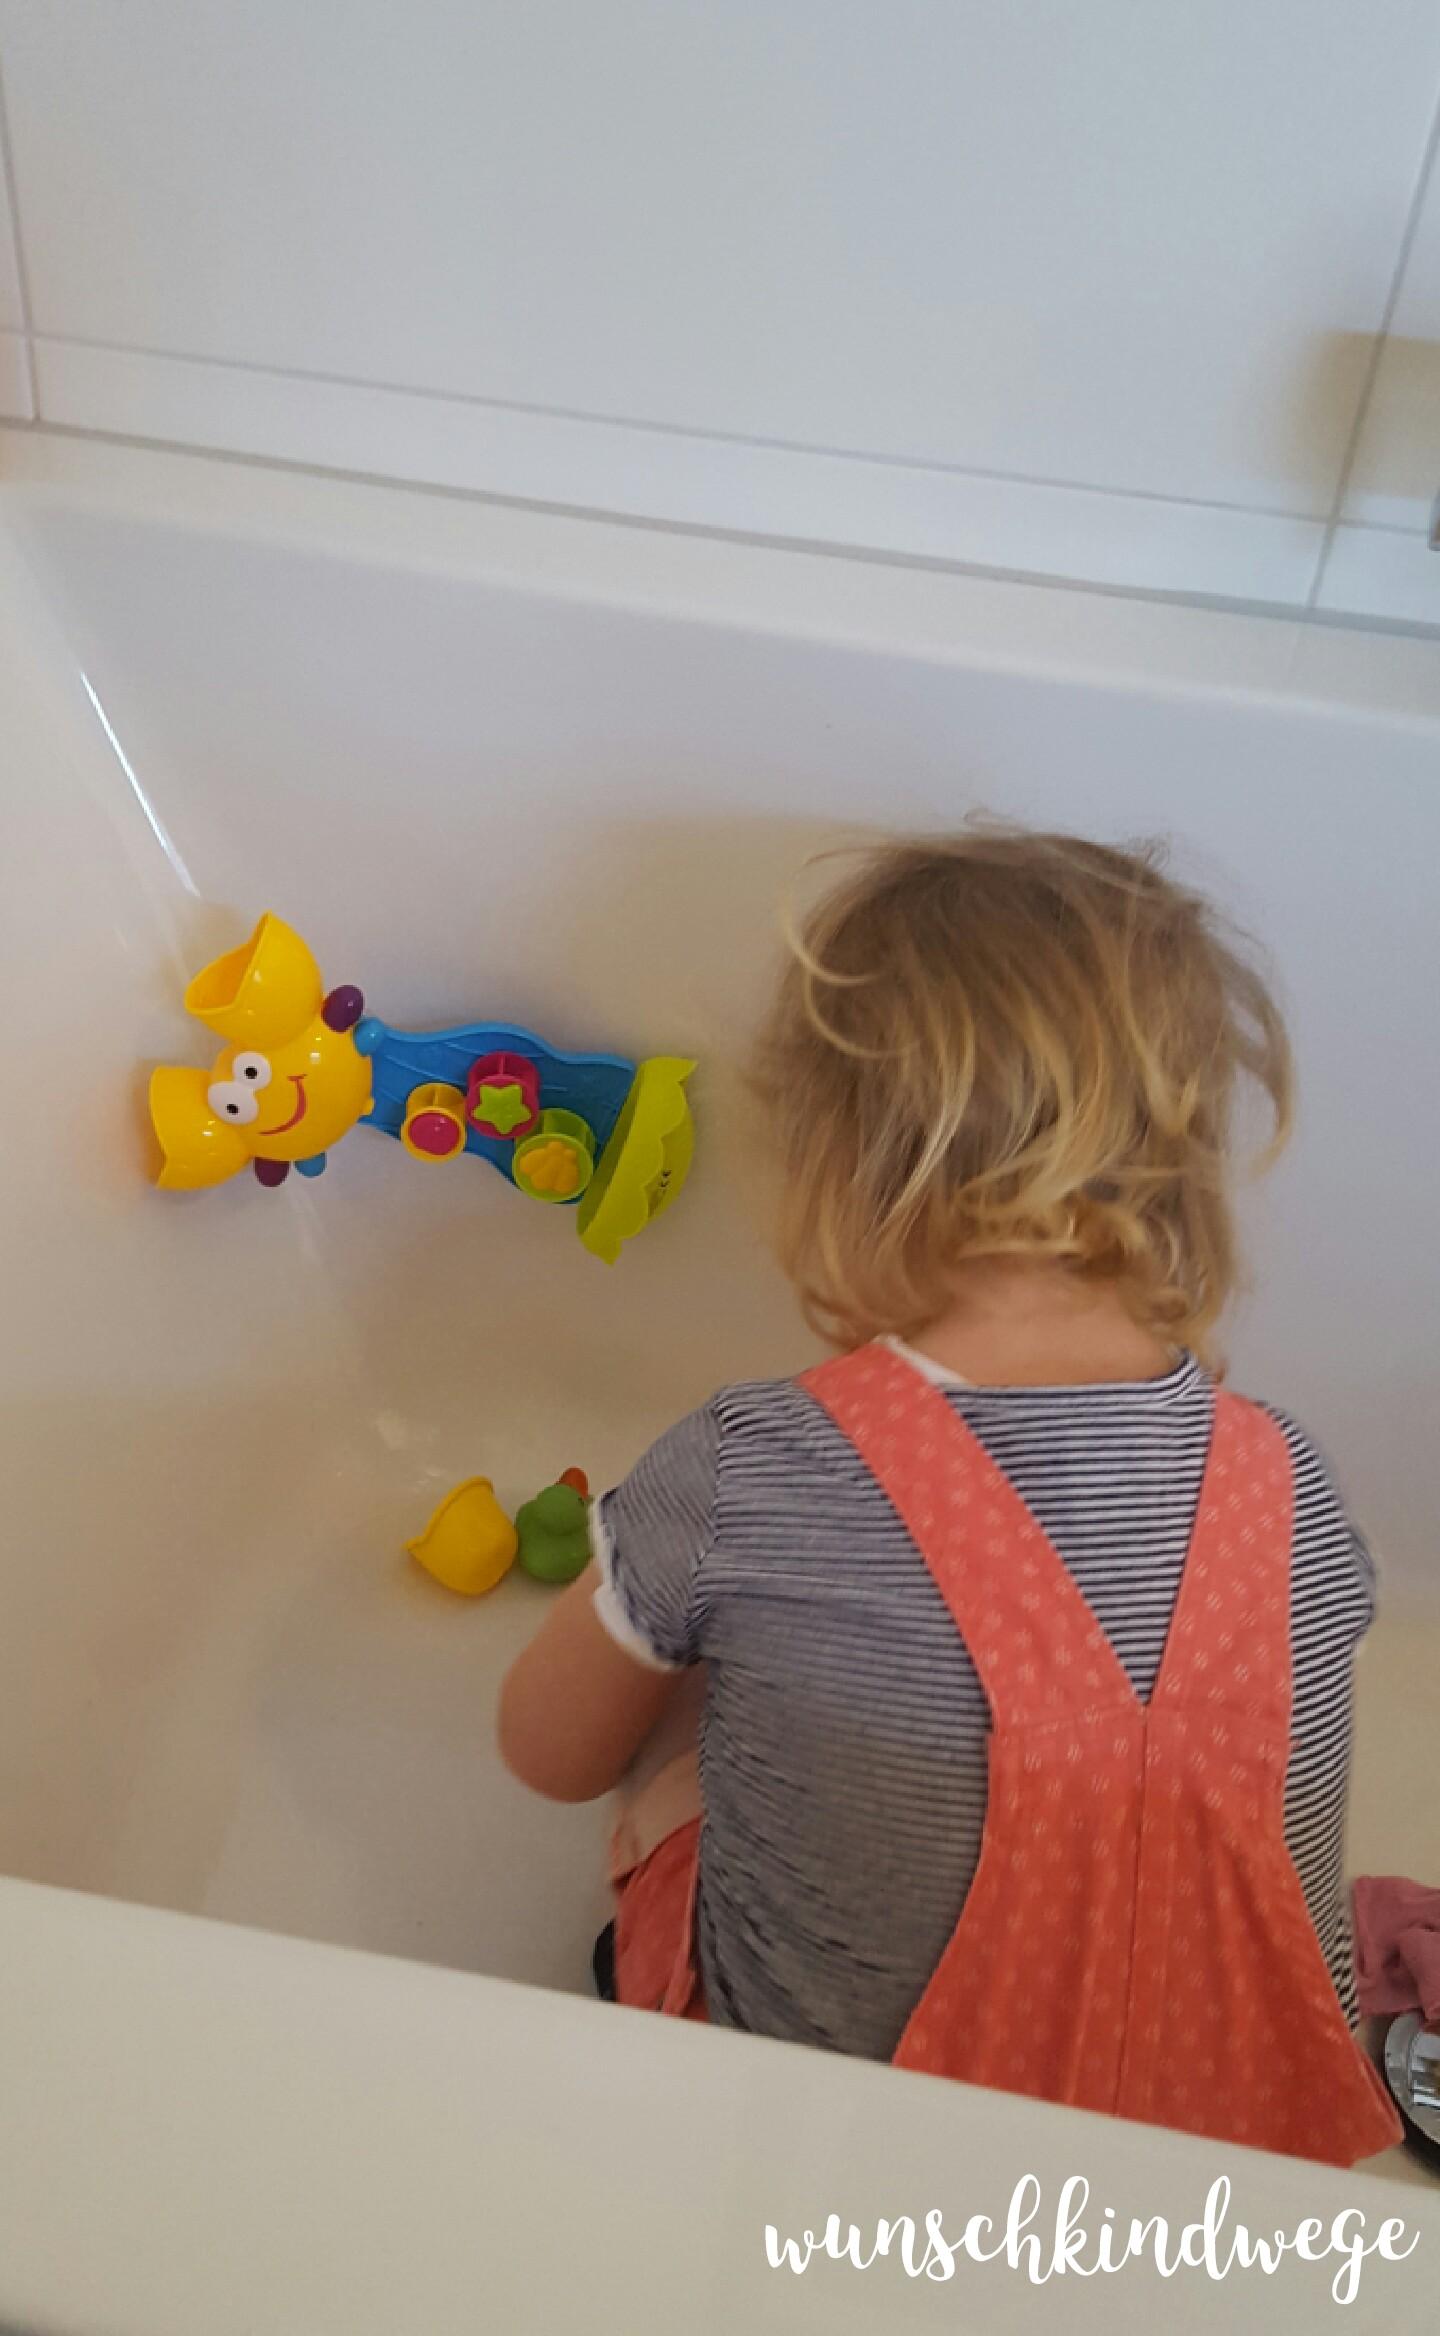 21 Monate alt steigt in Badewanne